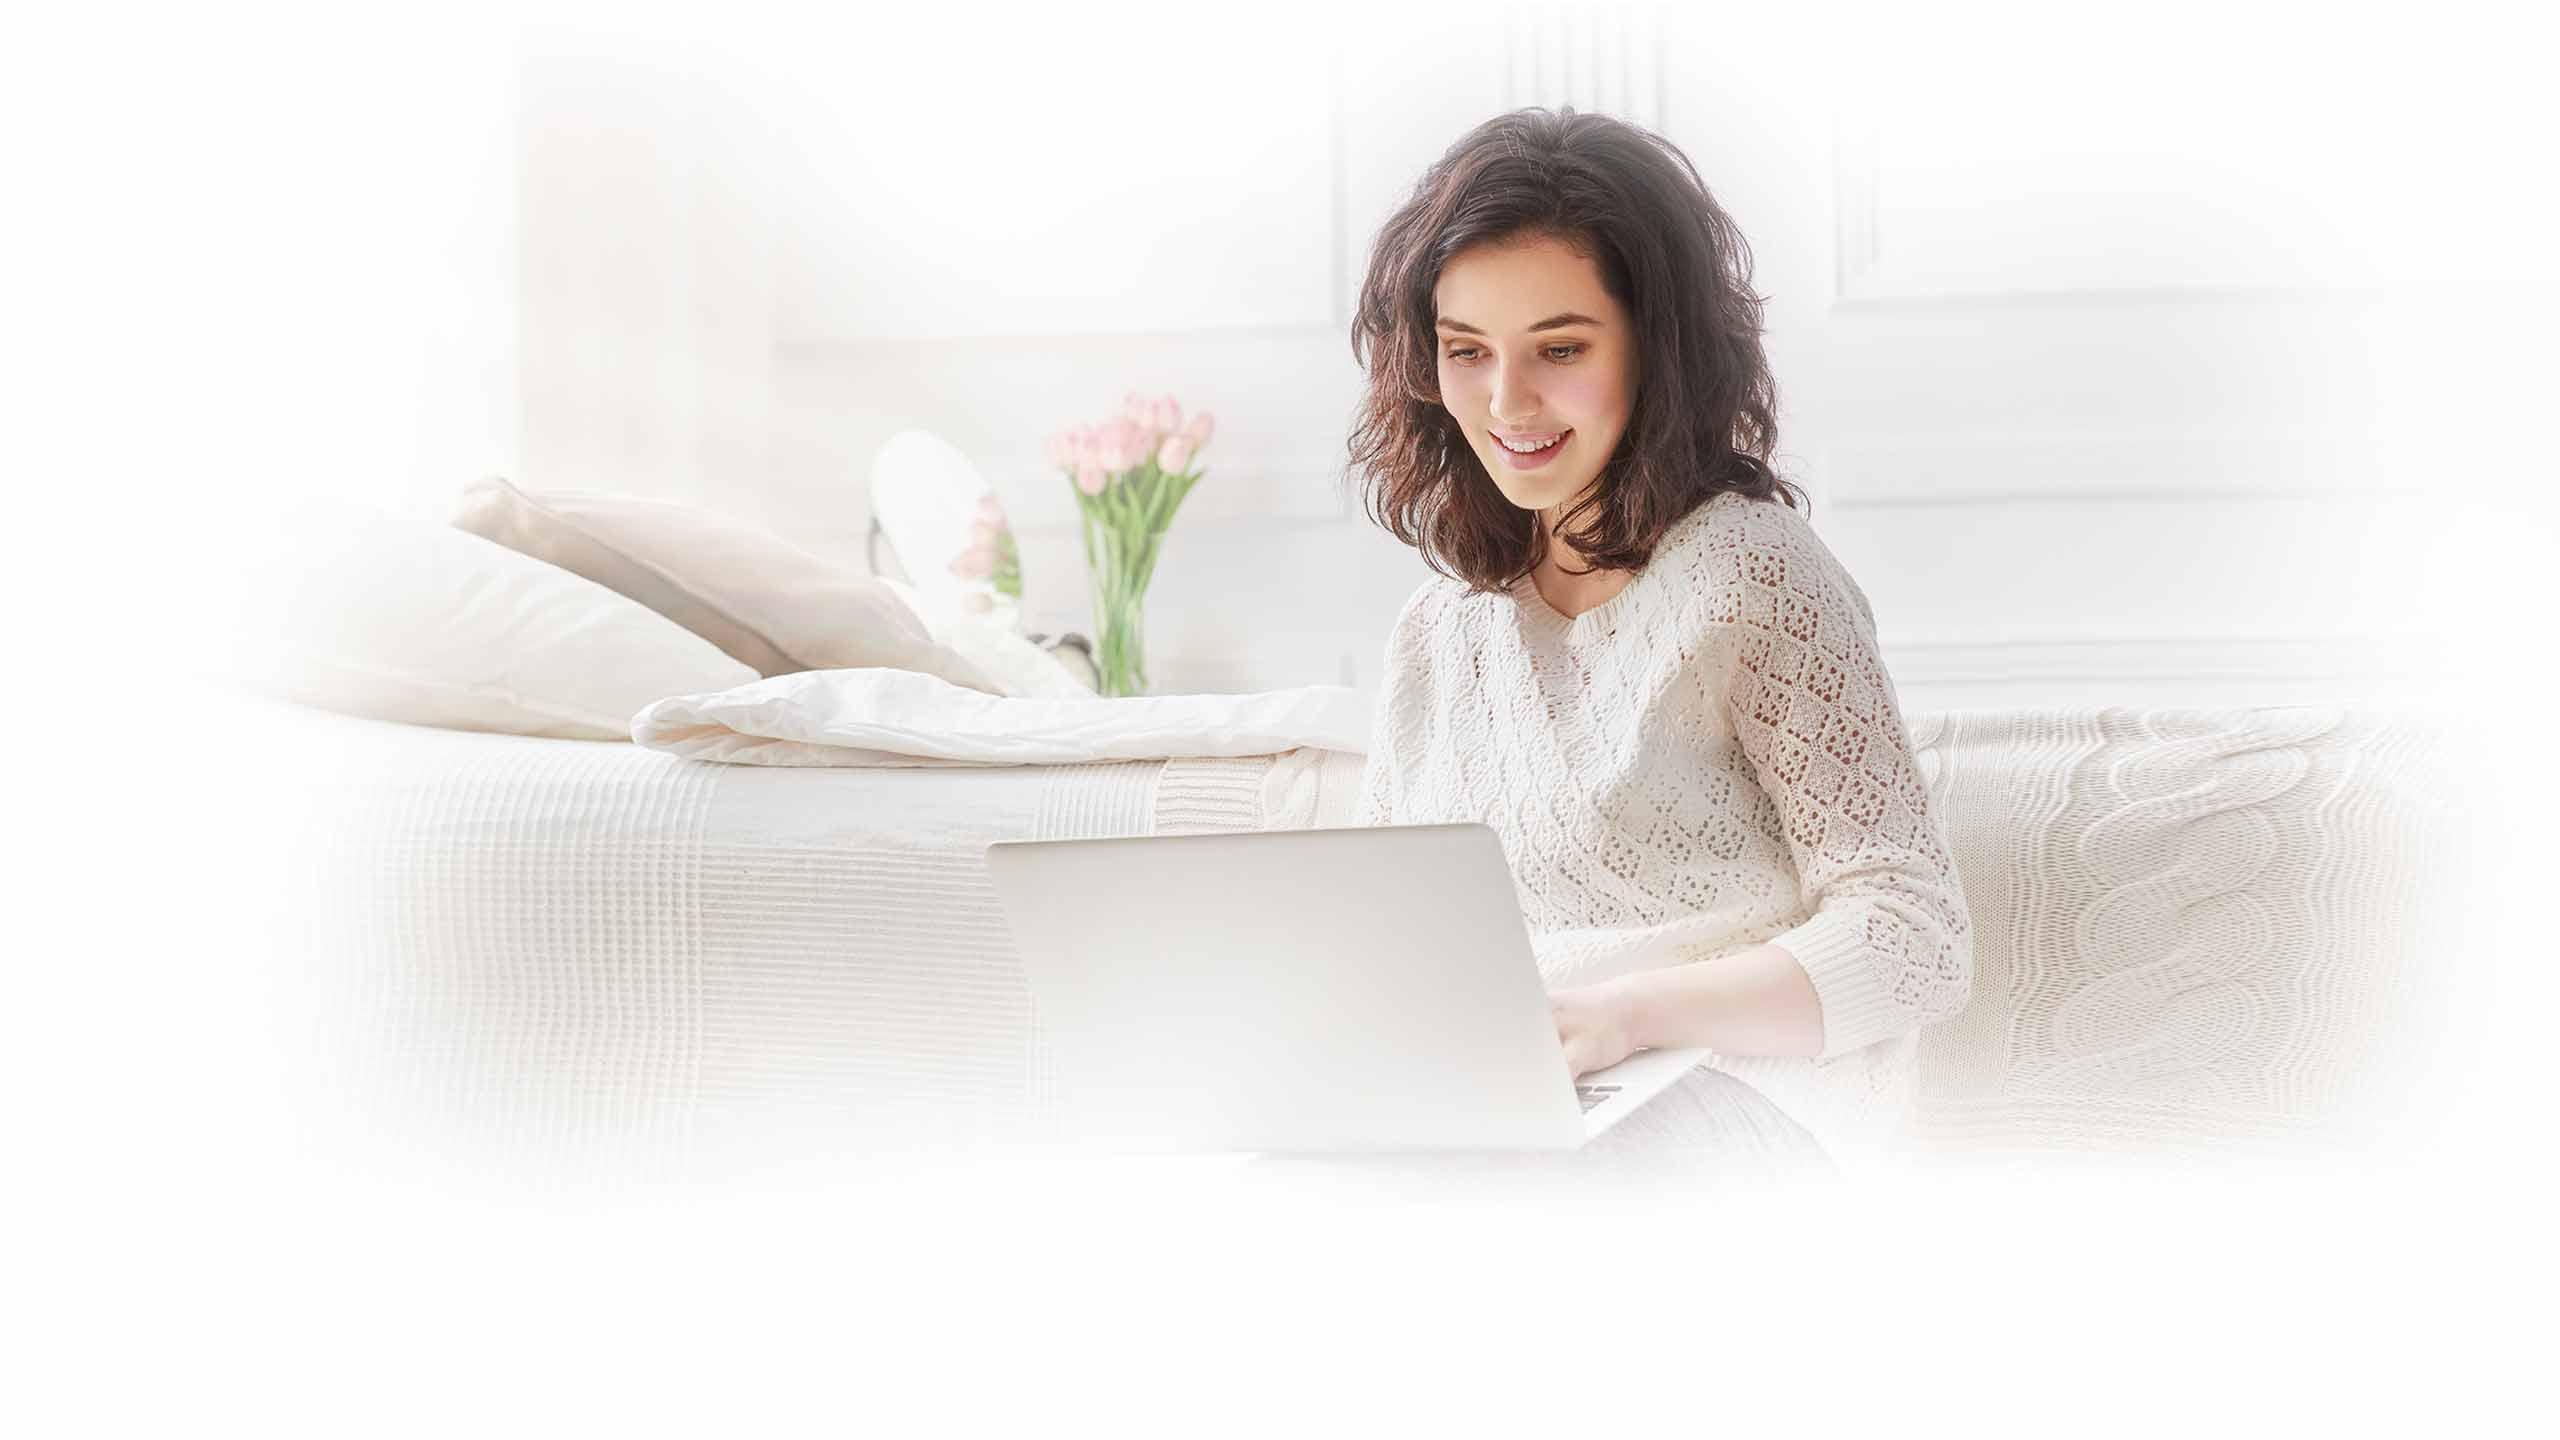 lr online sprechstunde videocall patient desktop